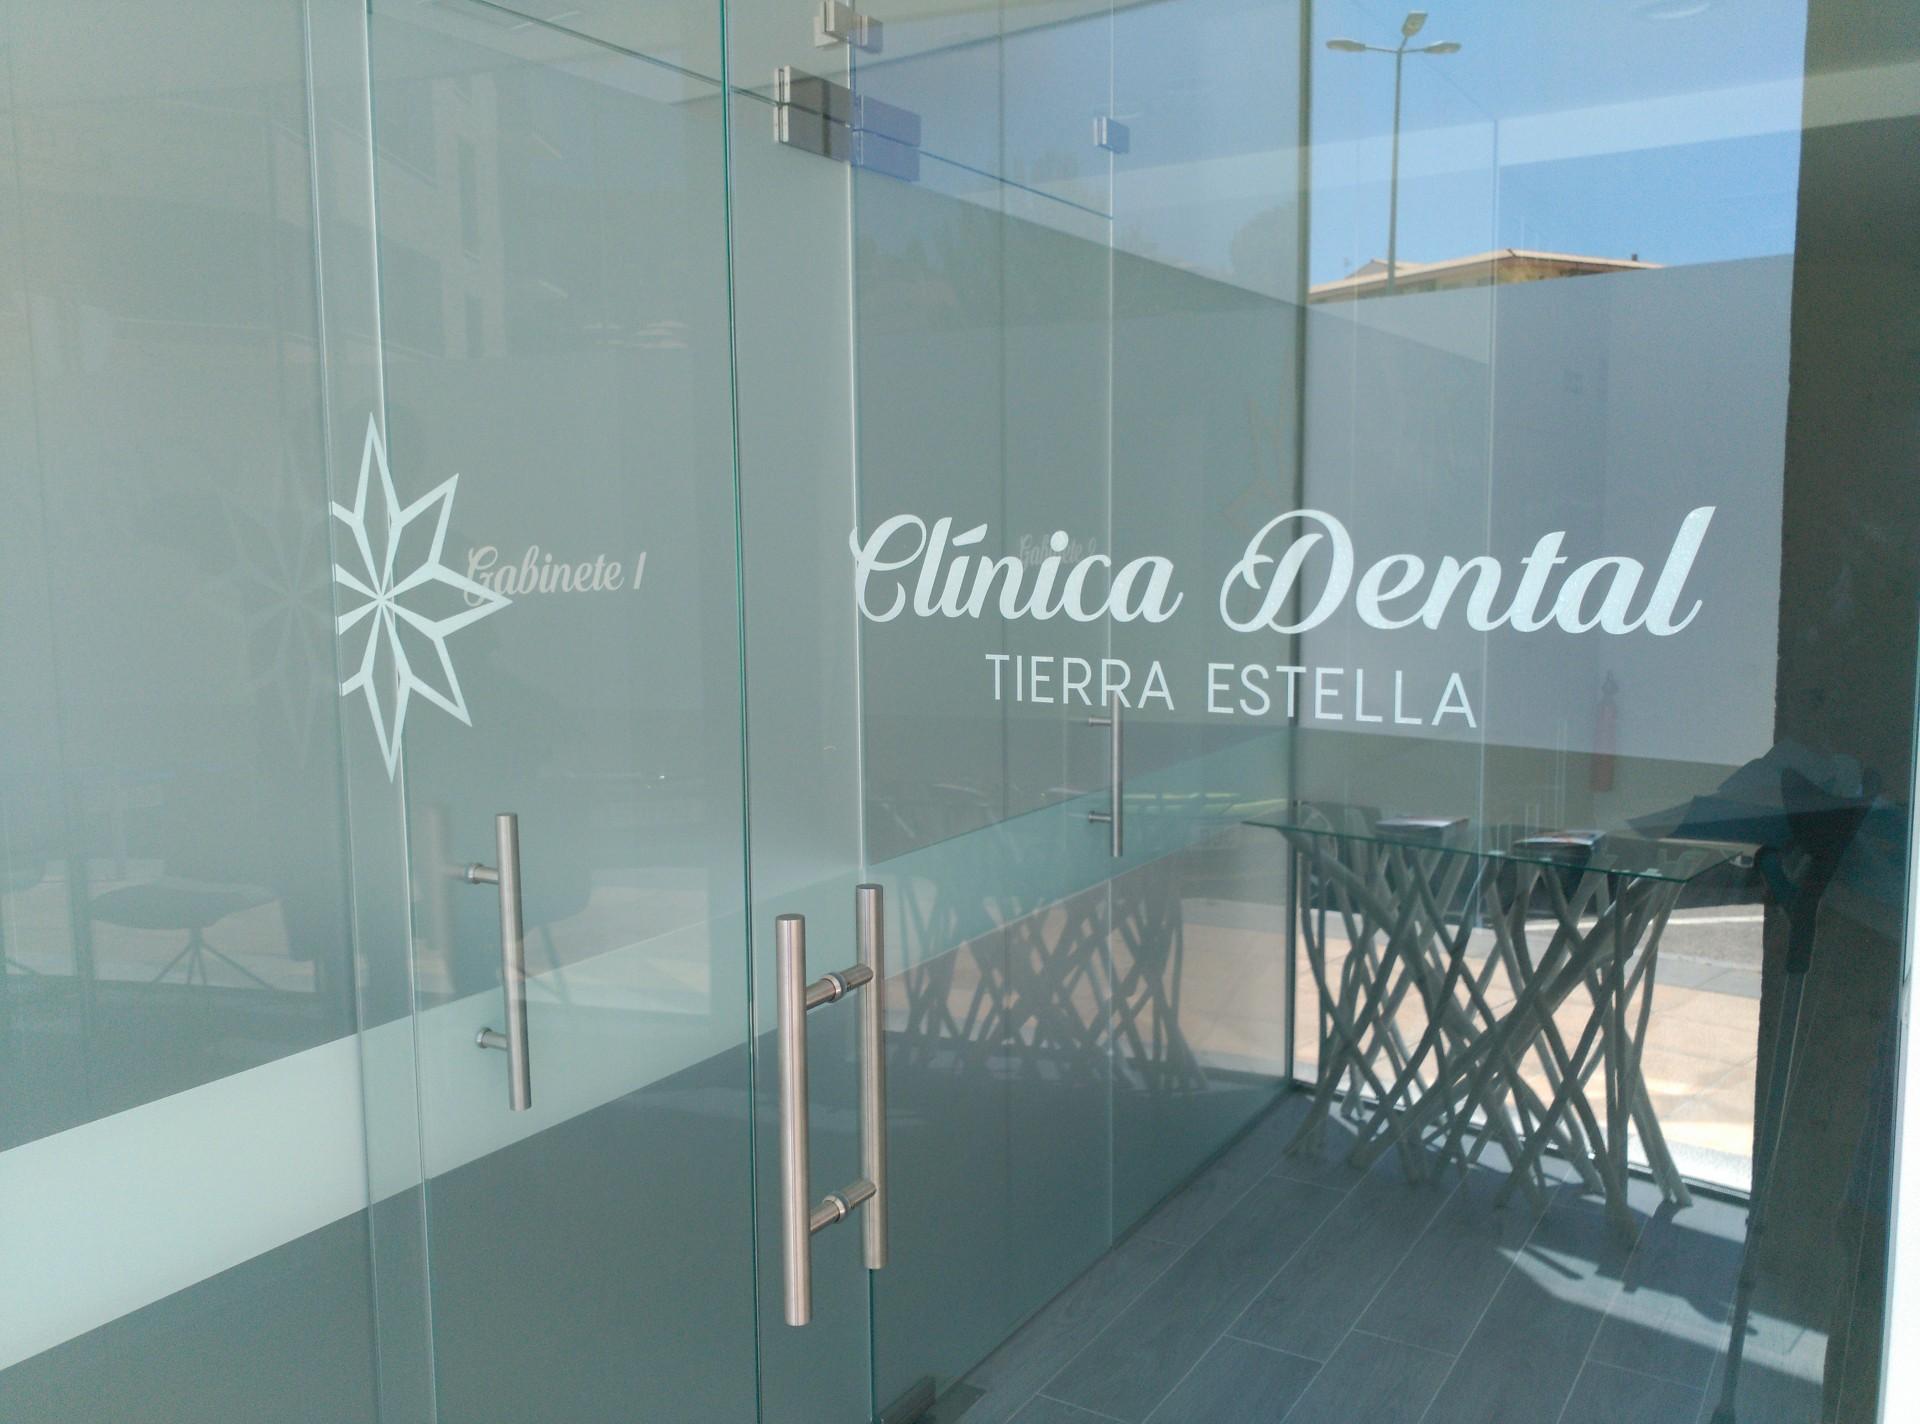 Crea imagen cl nica dental tierra estella letras corp reas y logo en fachada e interiores y - Clinica dental moderna ...